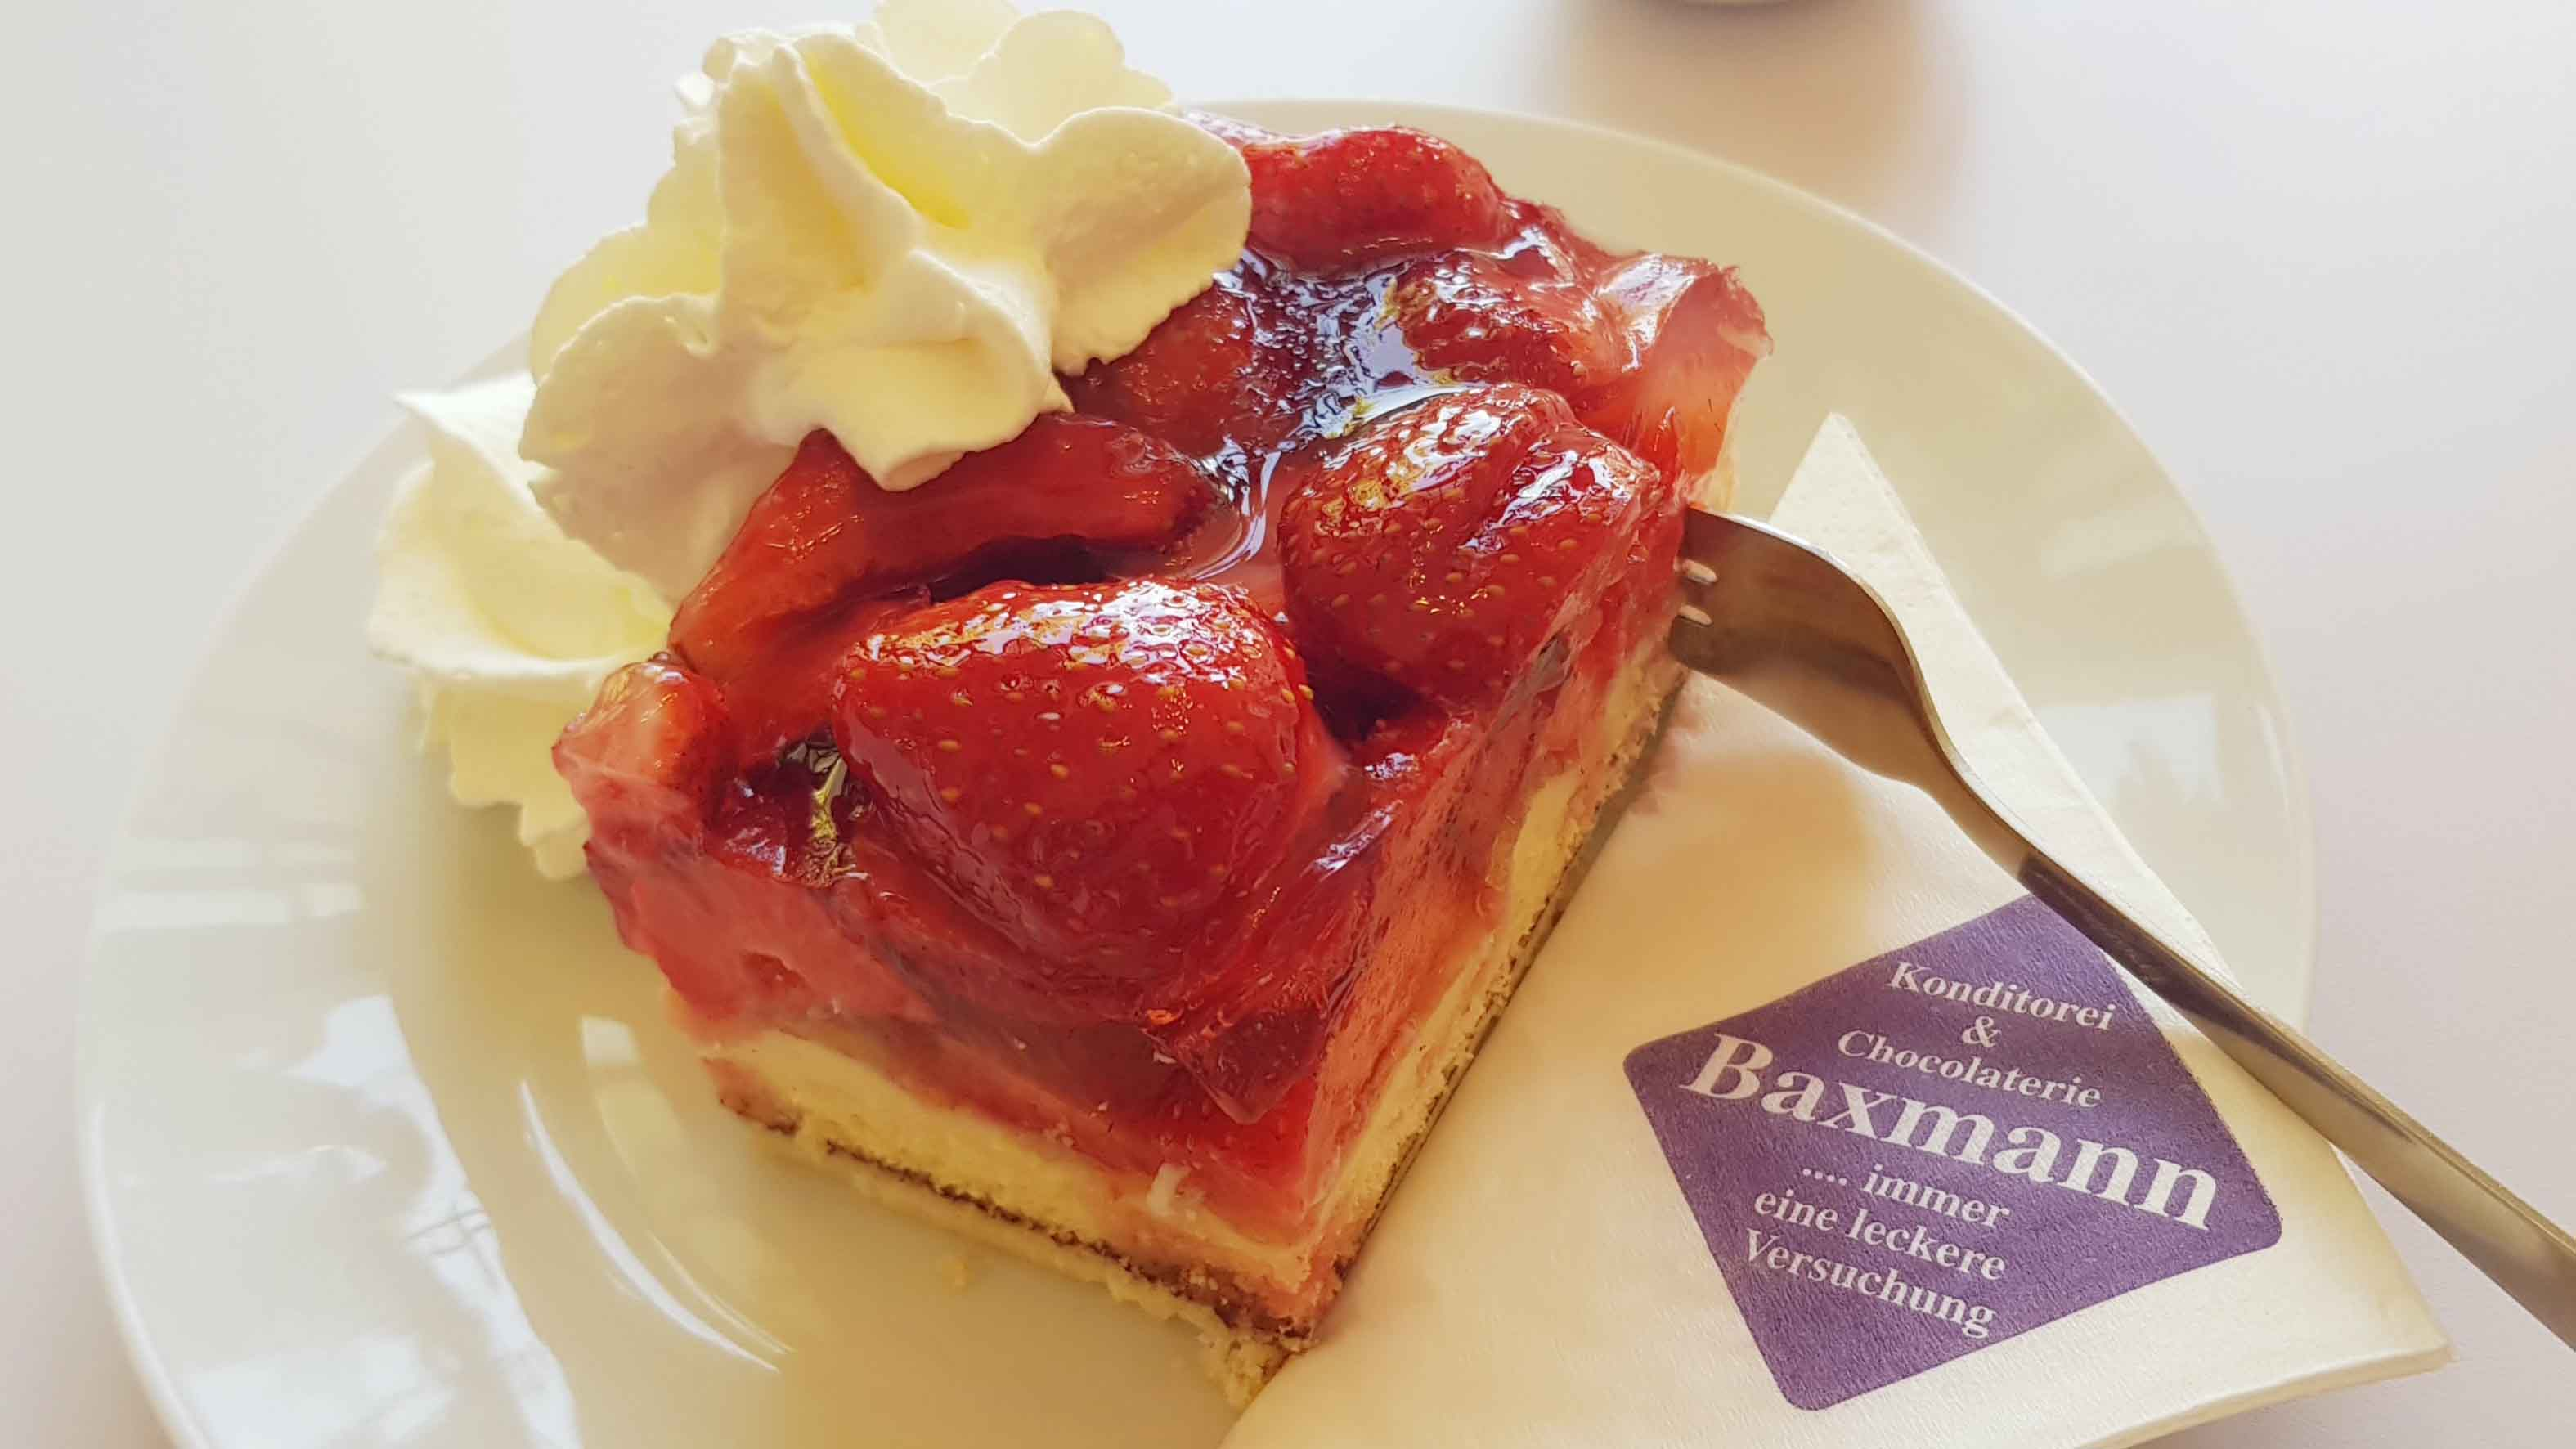 Café Baxmann Celle, Erdbeerkuchen